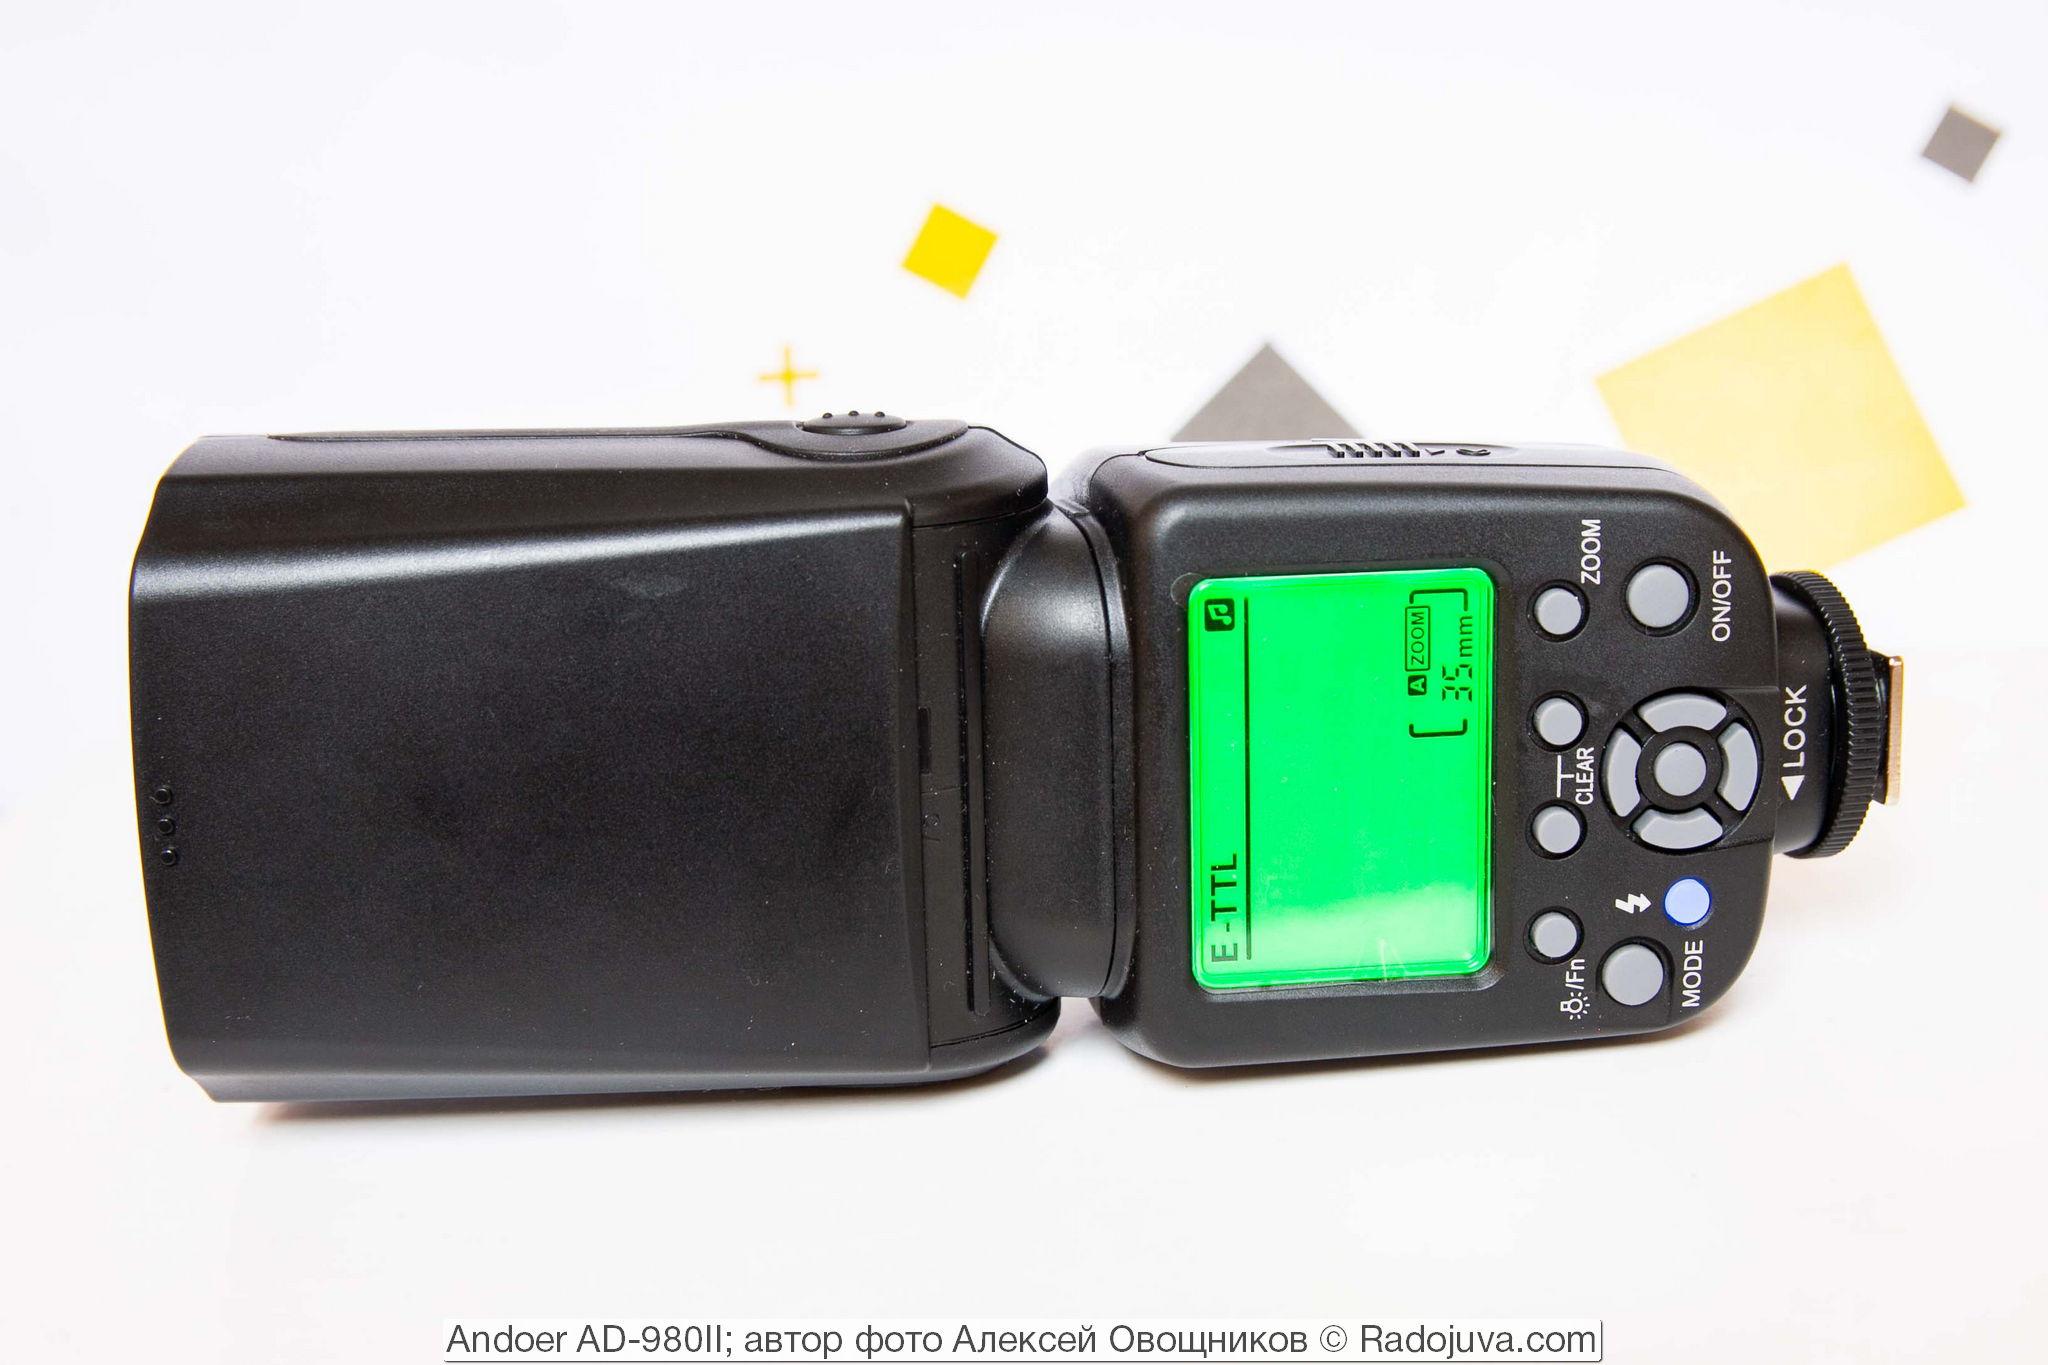 Andoer AD-980II